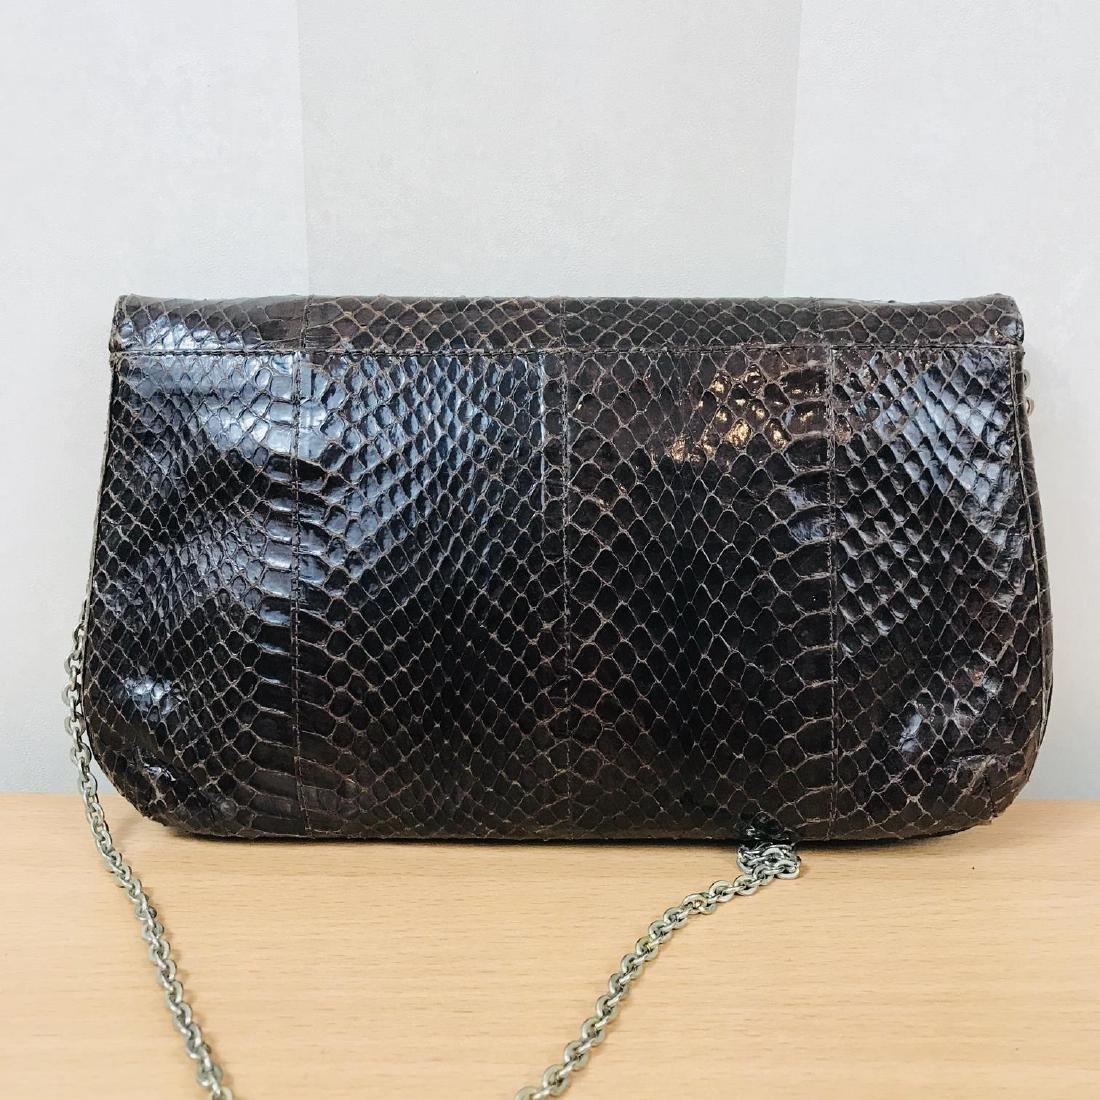 Vintage Brown Snakeskin Leather Clutch Bag - 5